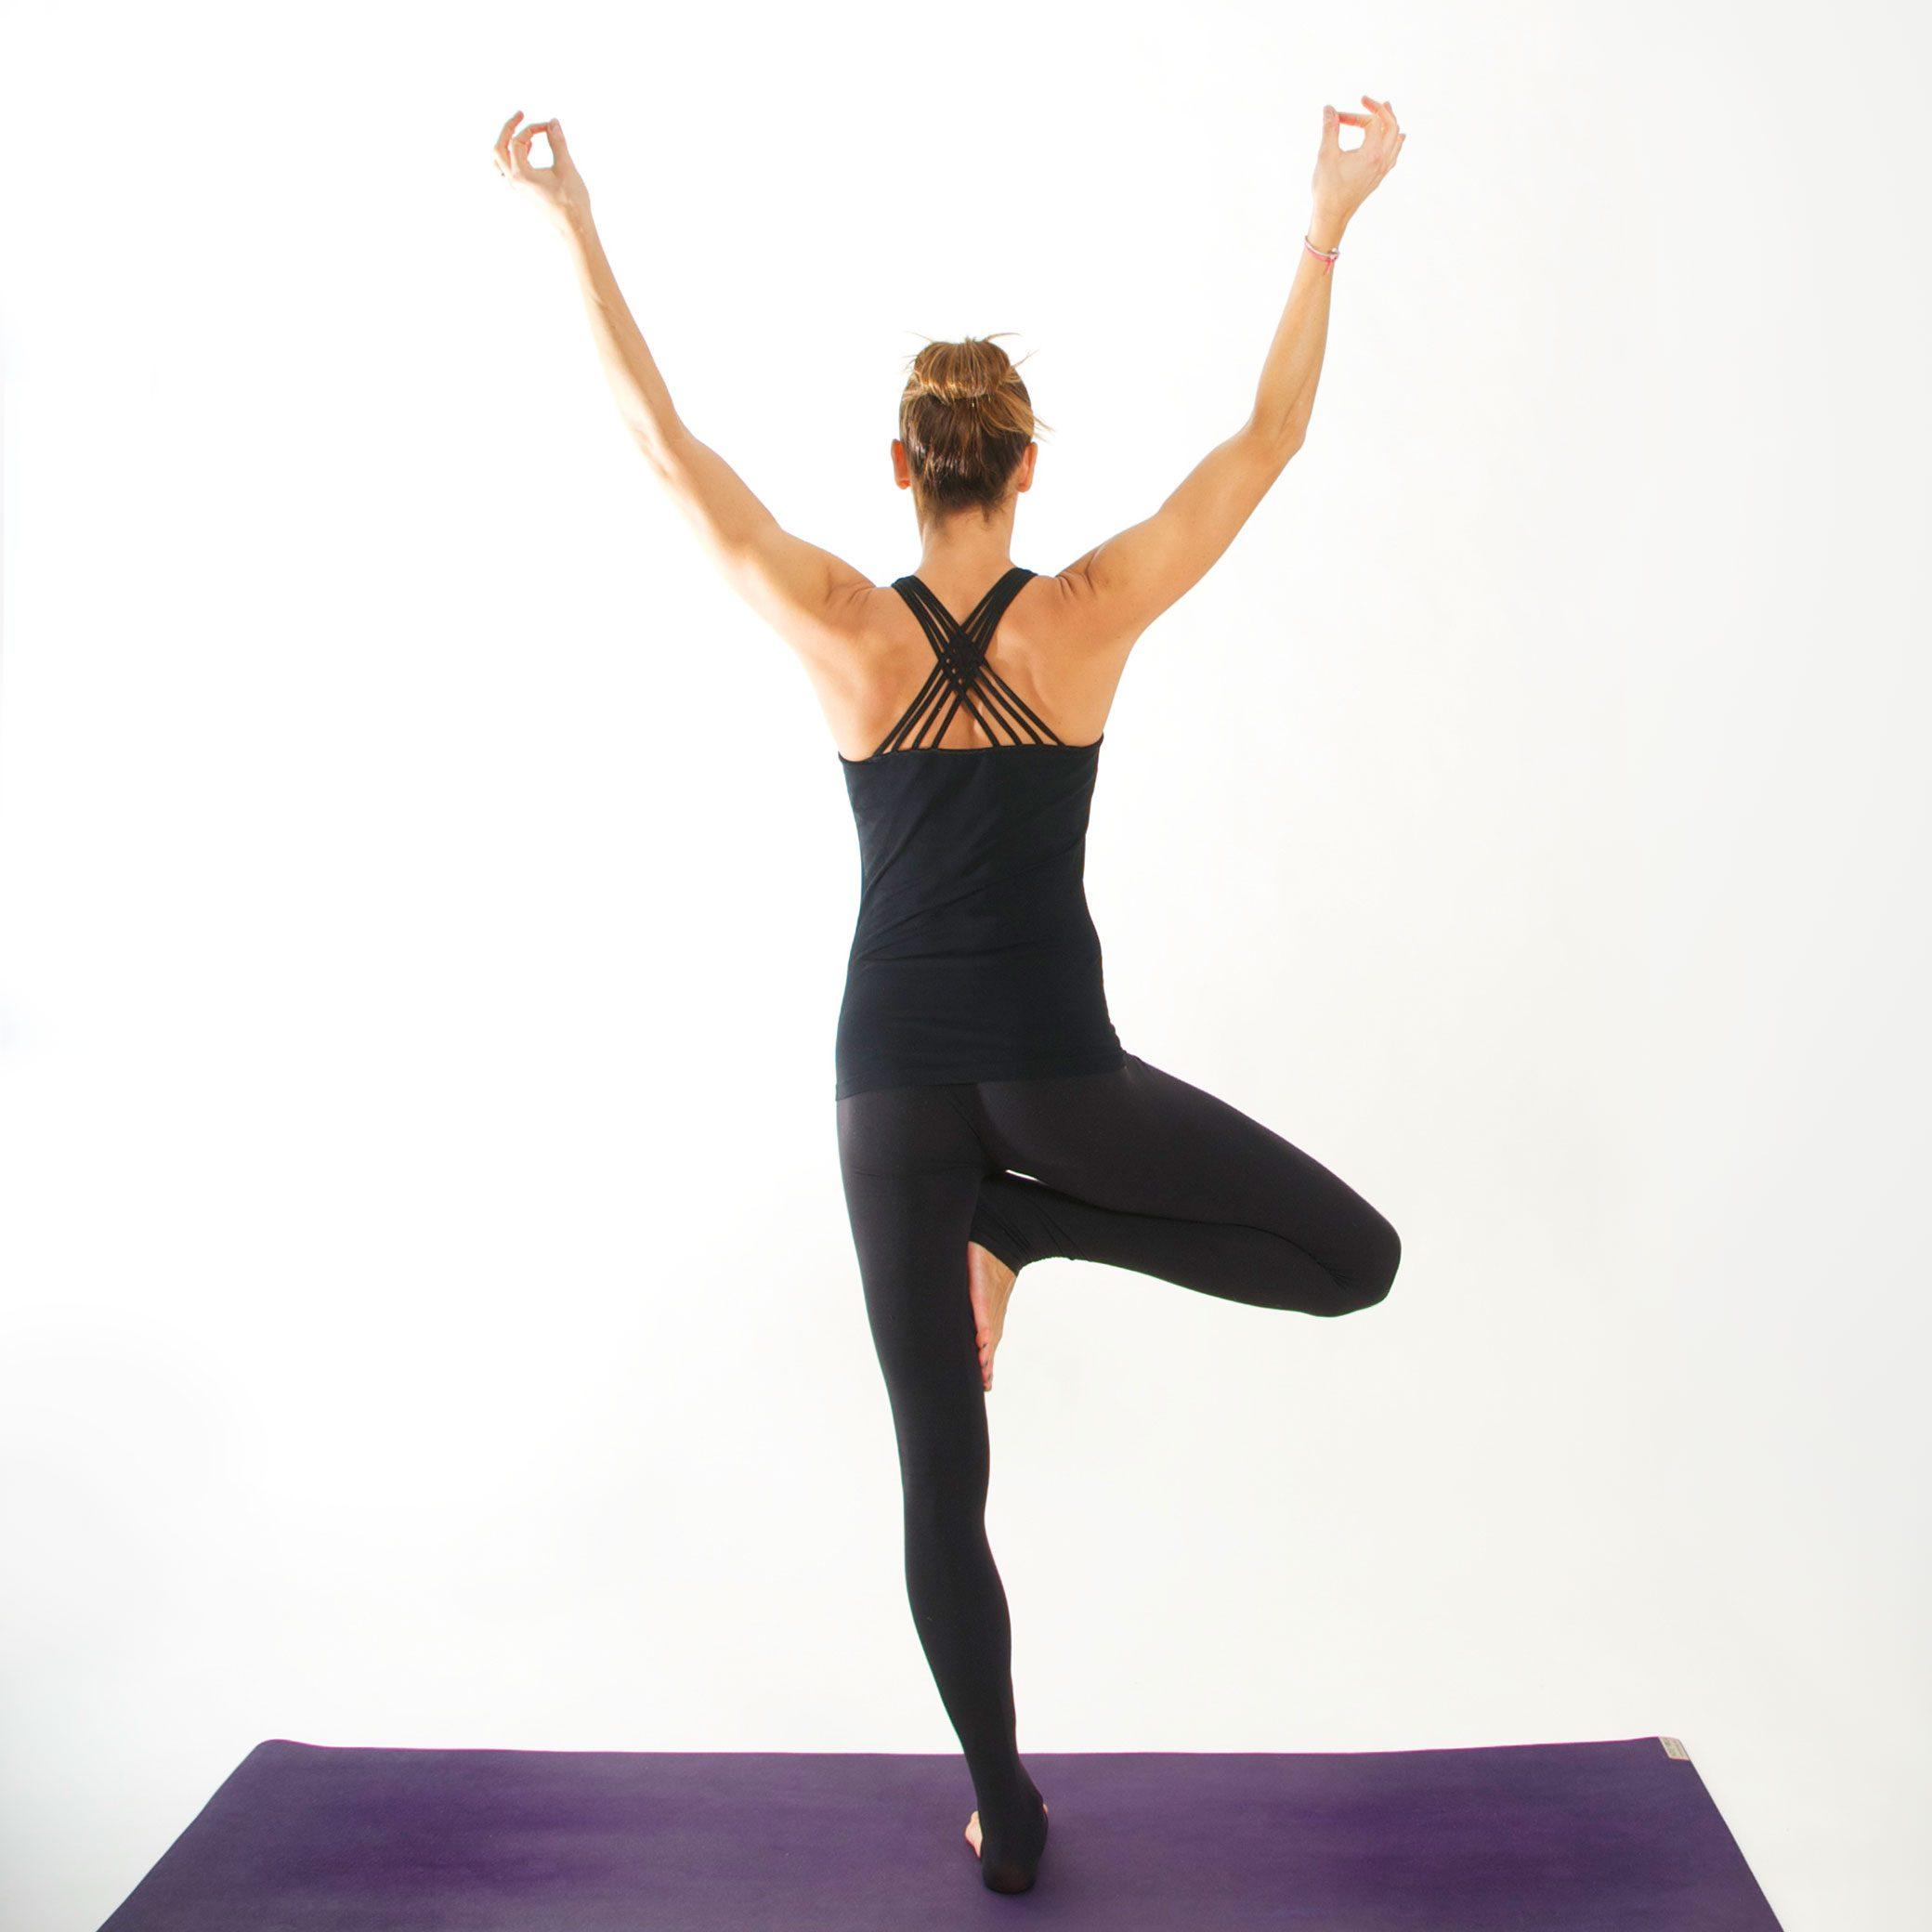 Yoga Asana I BAUM I myyogaflows